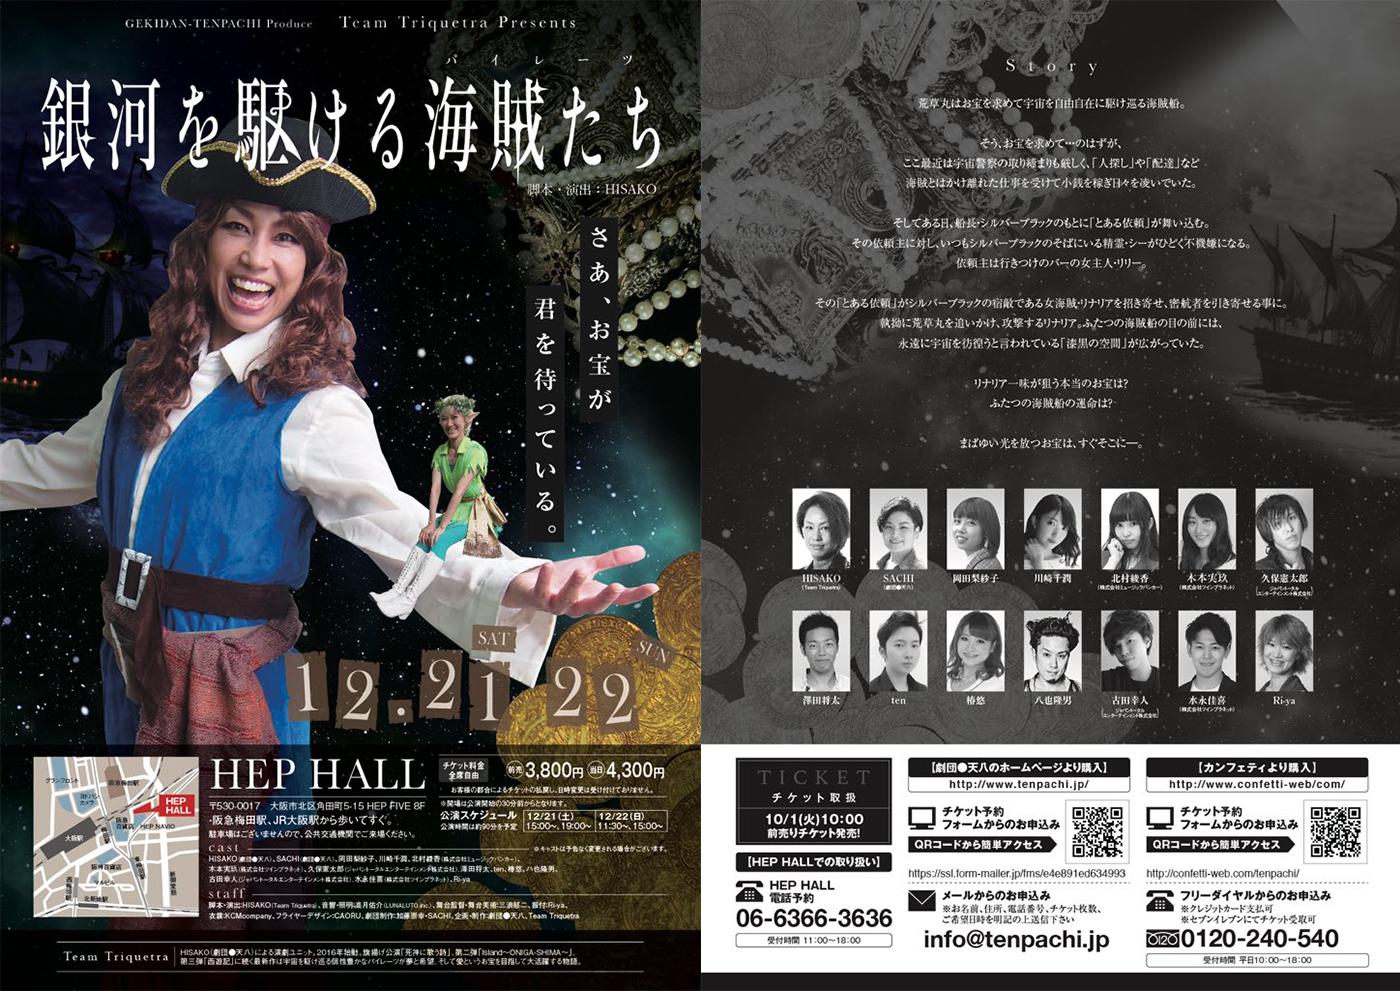 【出演情報】舞台「銀河を駆ける海賊たち」に久保憲太郎・古田幸人が出演します